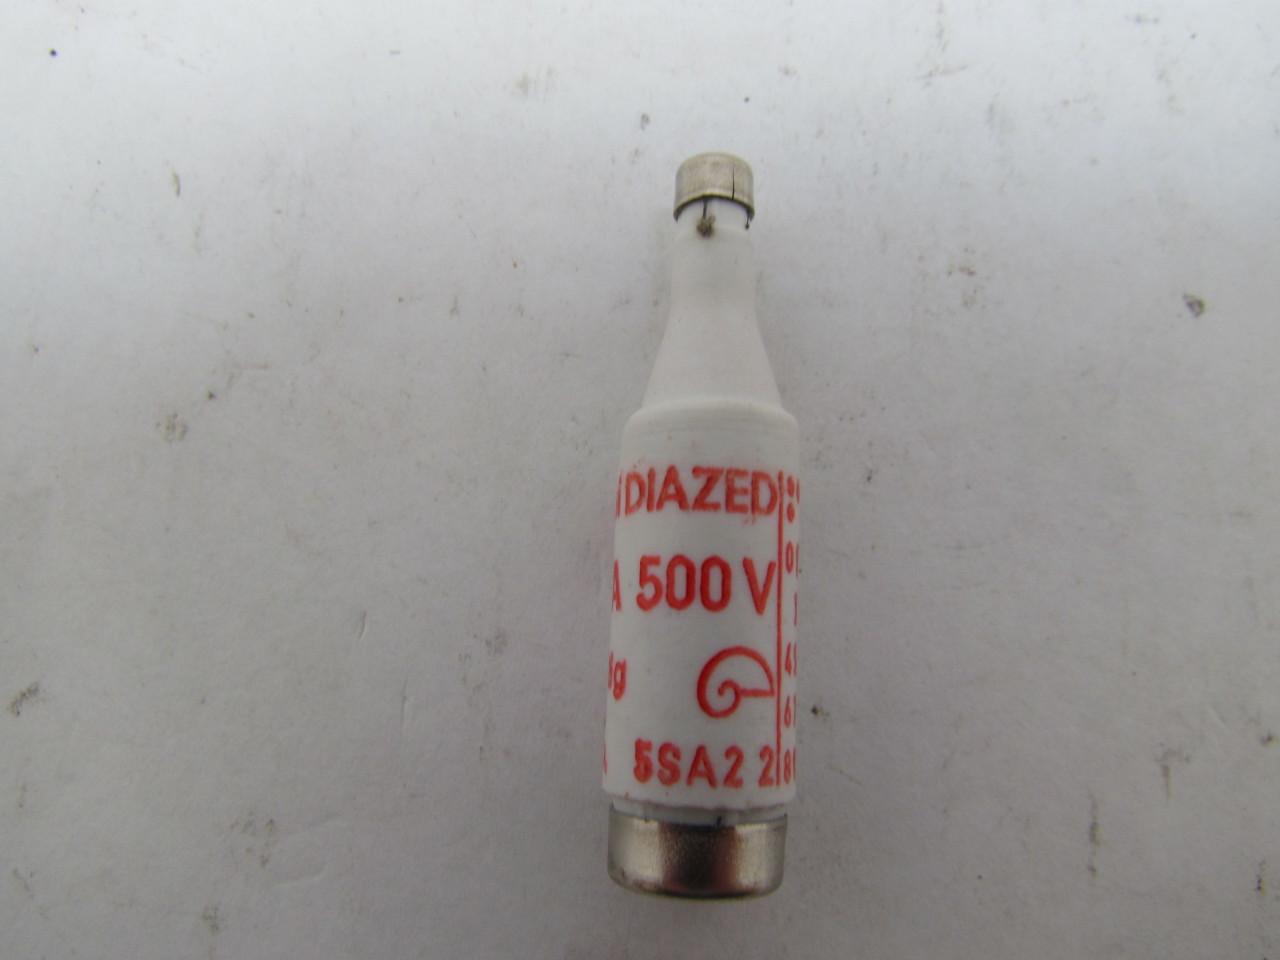 siemens 5sa2 21 sicherungseinsatz original diazed bottle fuse 4a siemens 5sa2 21 sicherungseinsatz original diazed bottle fuse 4a 500v box of 25